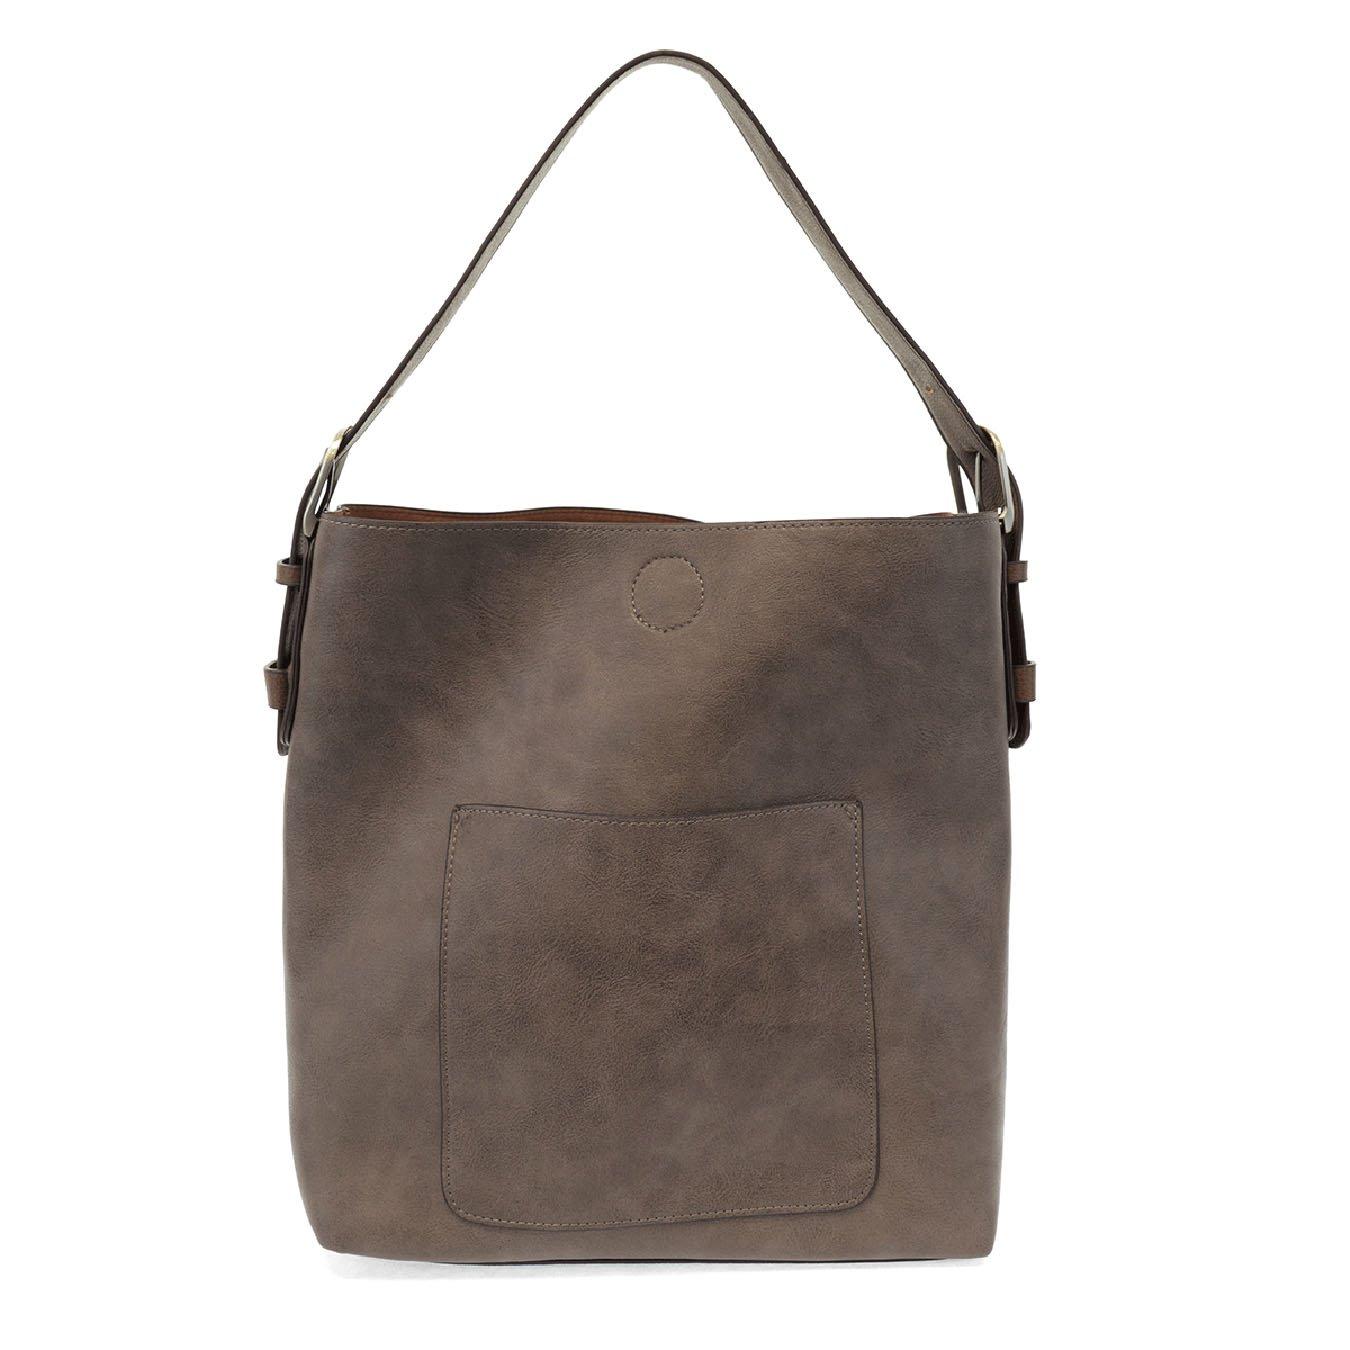 Espresso Hobo Handbag with Coffee Handle